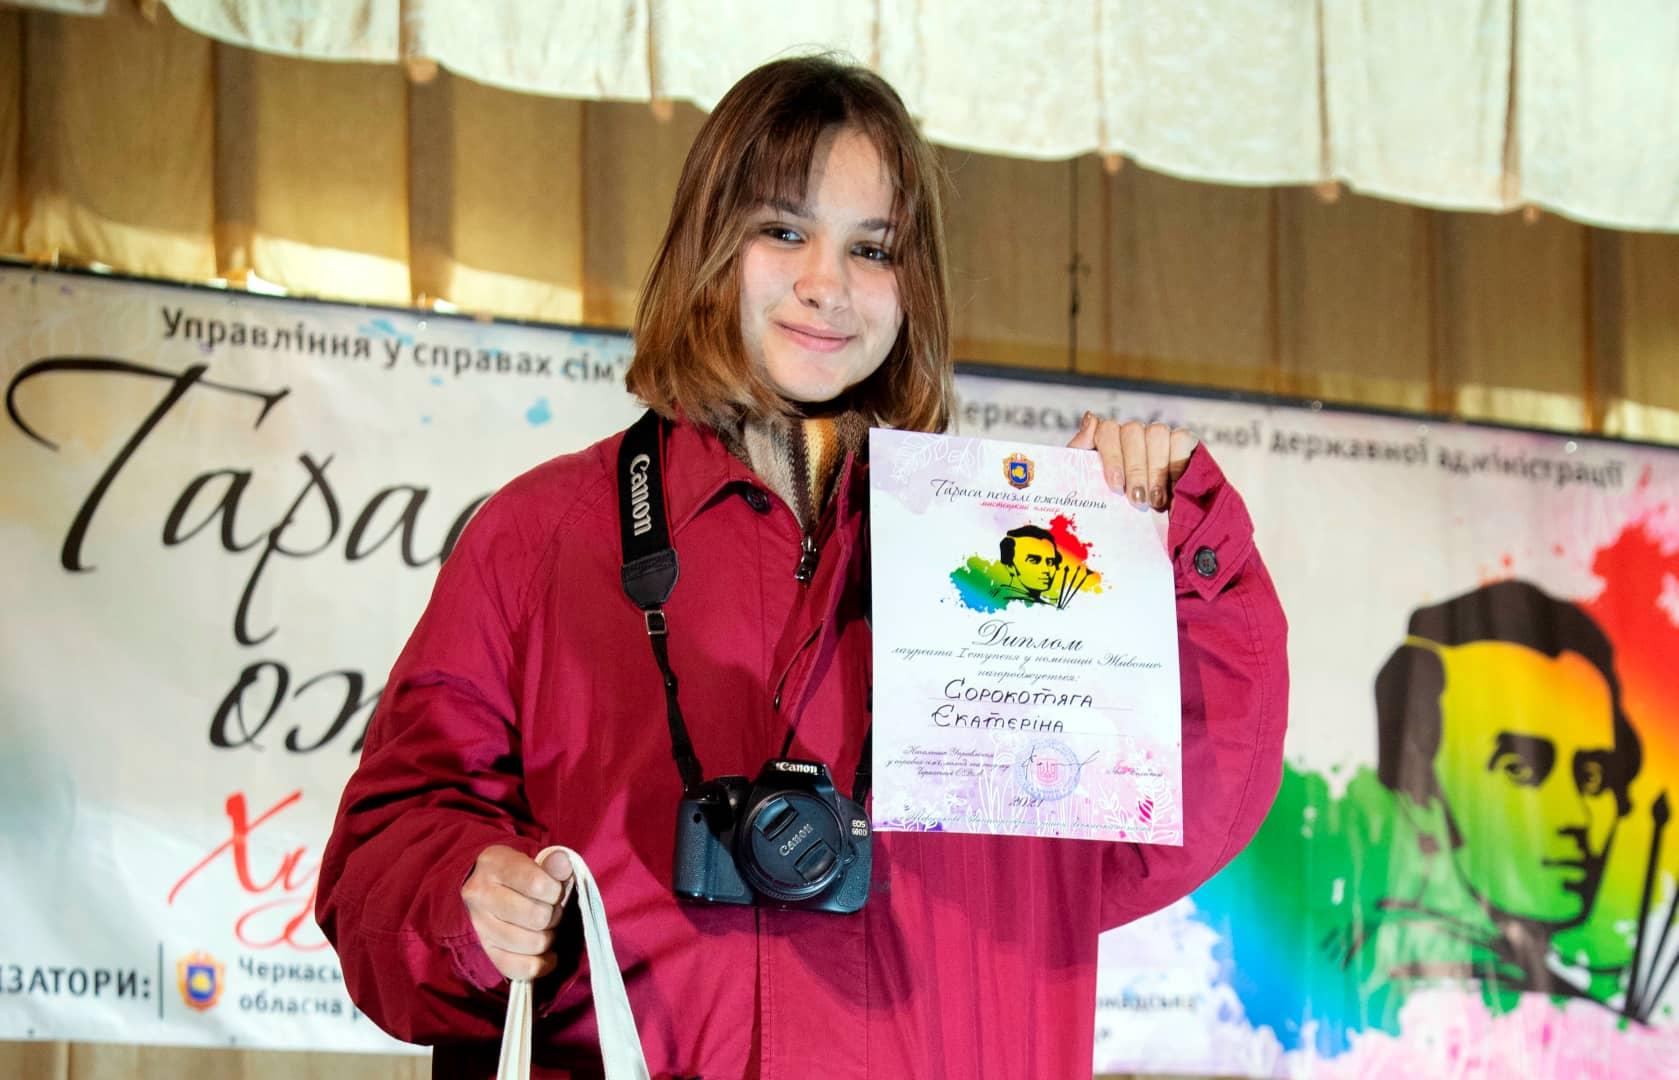 Диплом лауреата 1 ступеня Всеукраїнського мистецького конкурсу отримала студентка кафедри